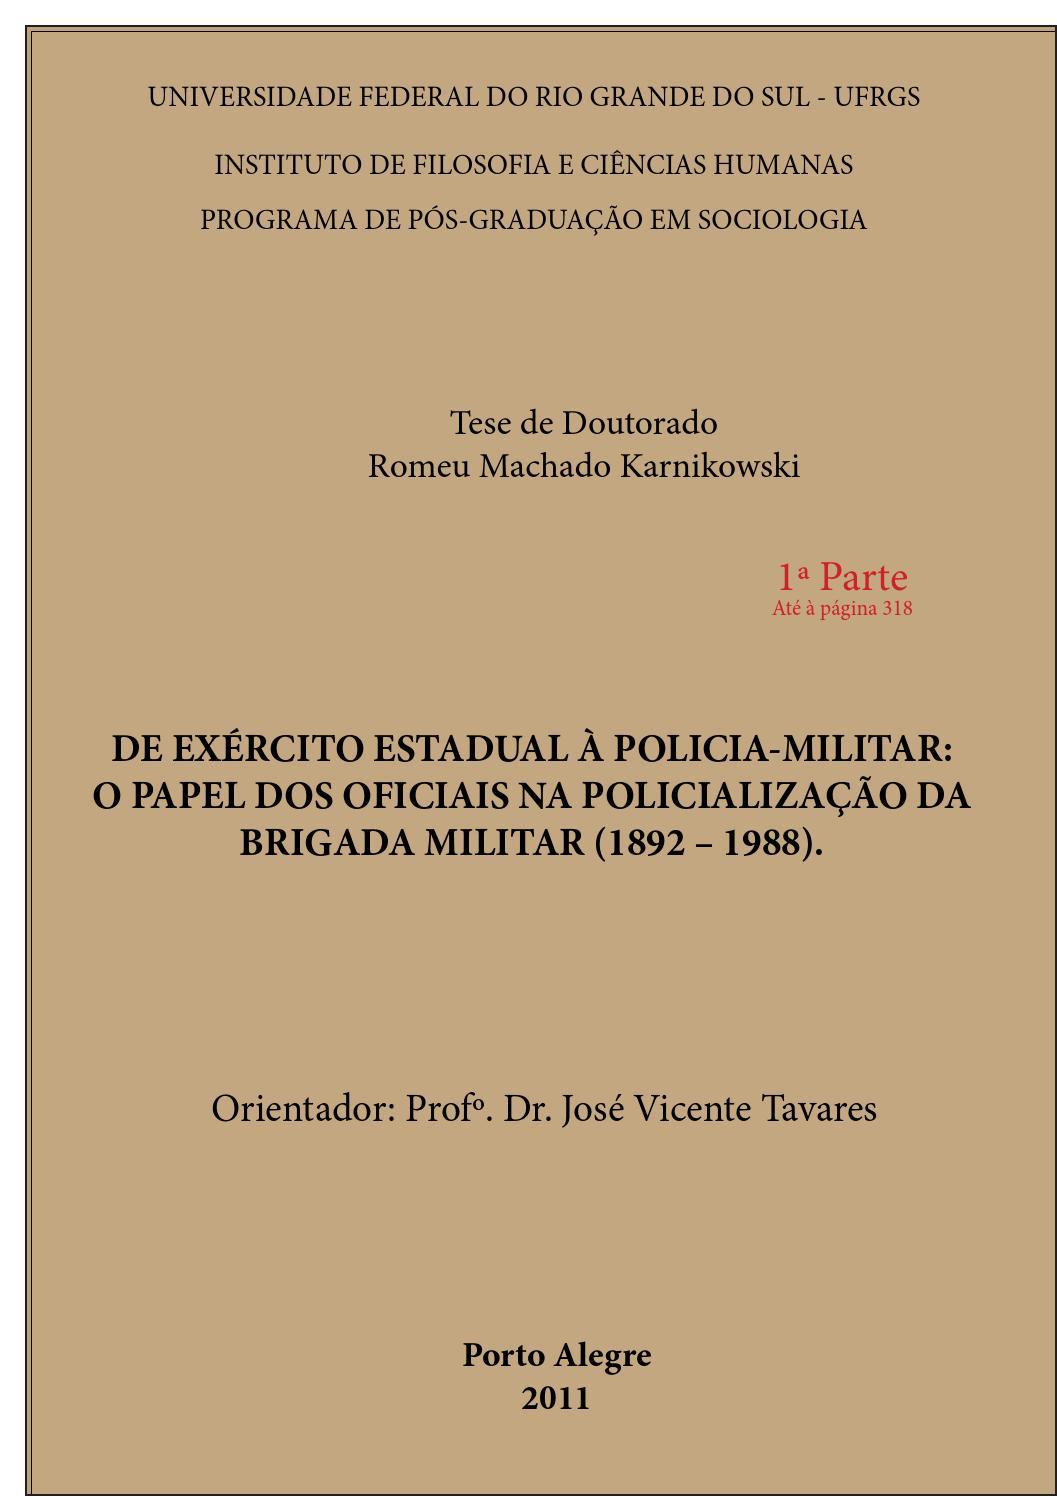 82a7d8b2e3 Prof Romeu Machado - Tese de Doutorado Parte 1 by Estante virtual  brigadiana de livros, opúsculos e jornais - issuu